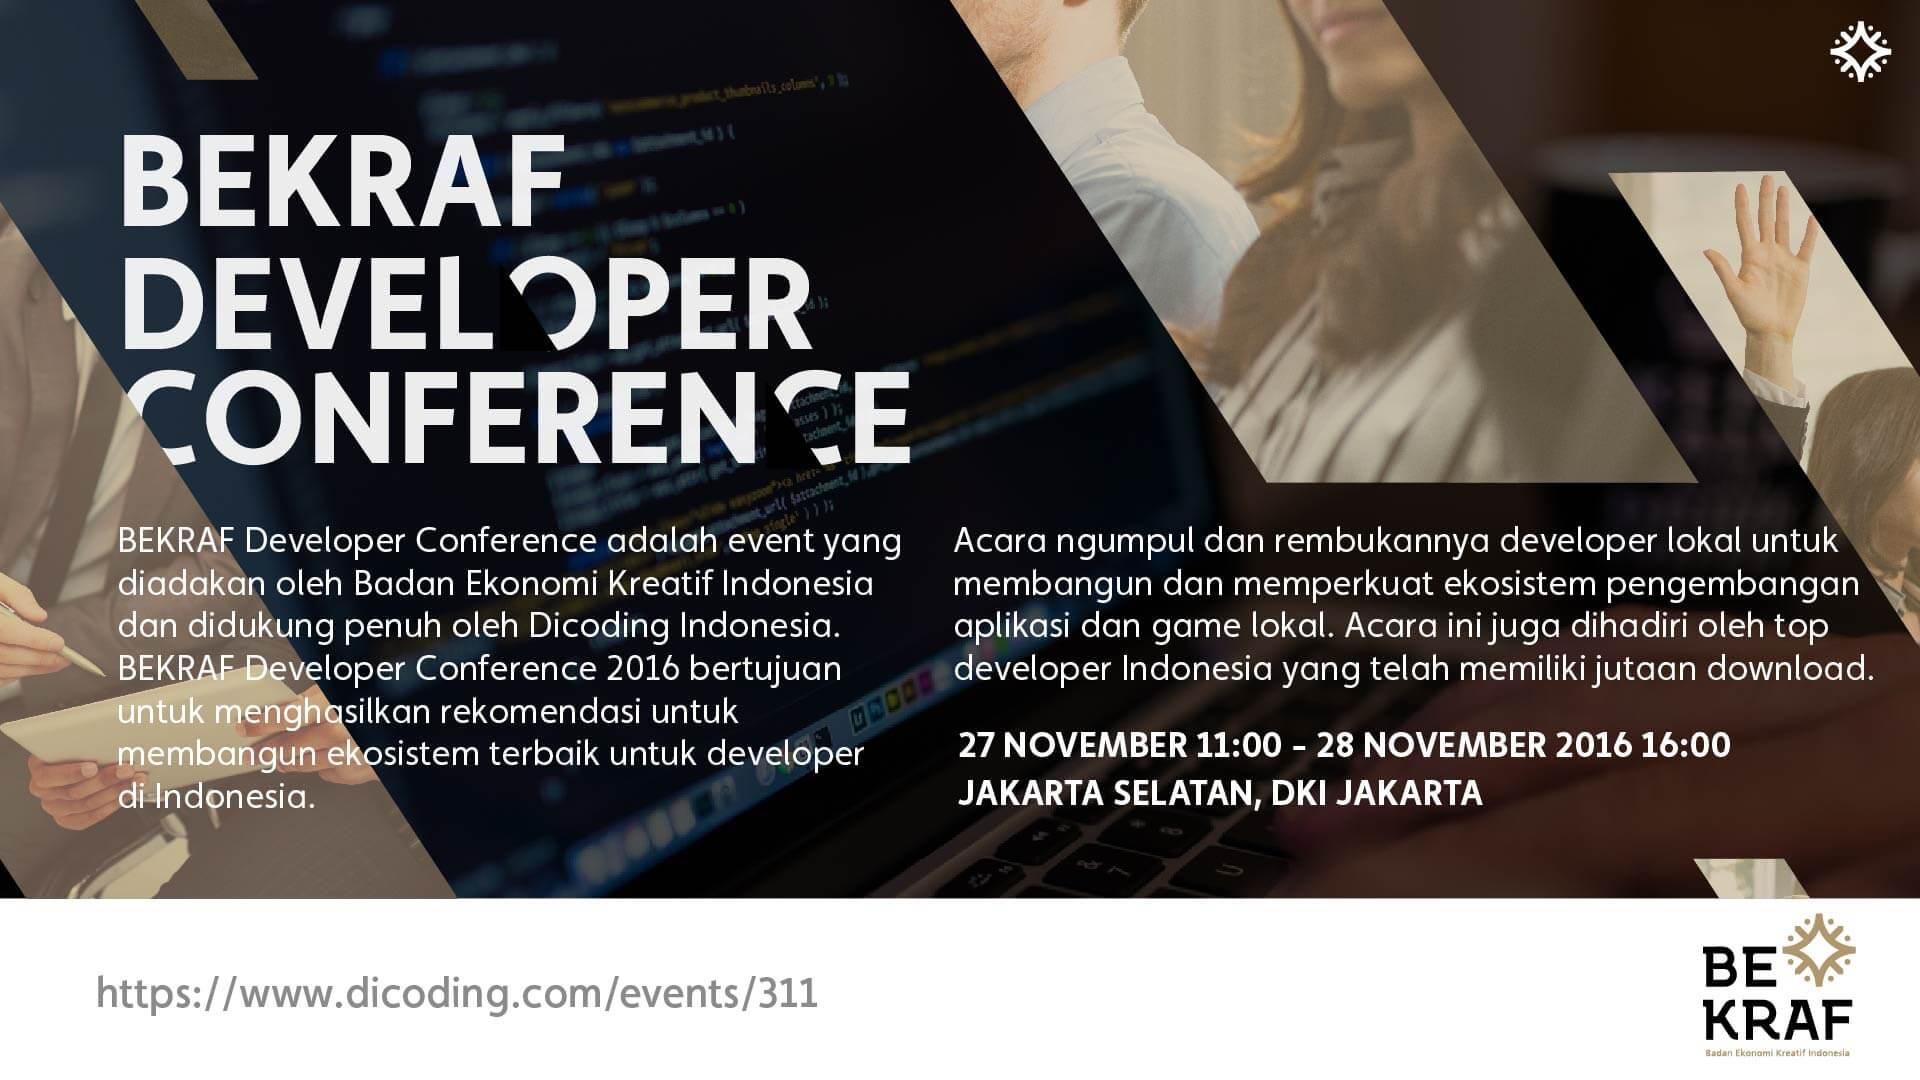 Bekraf Developer Conference 2016